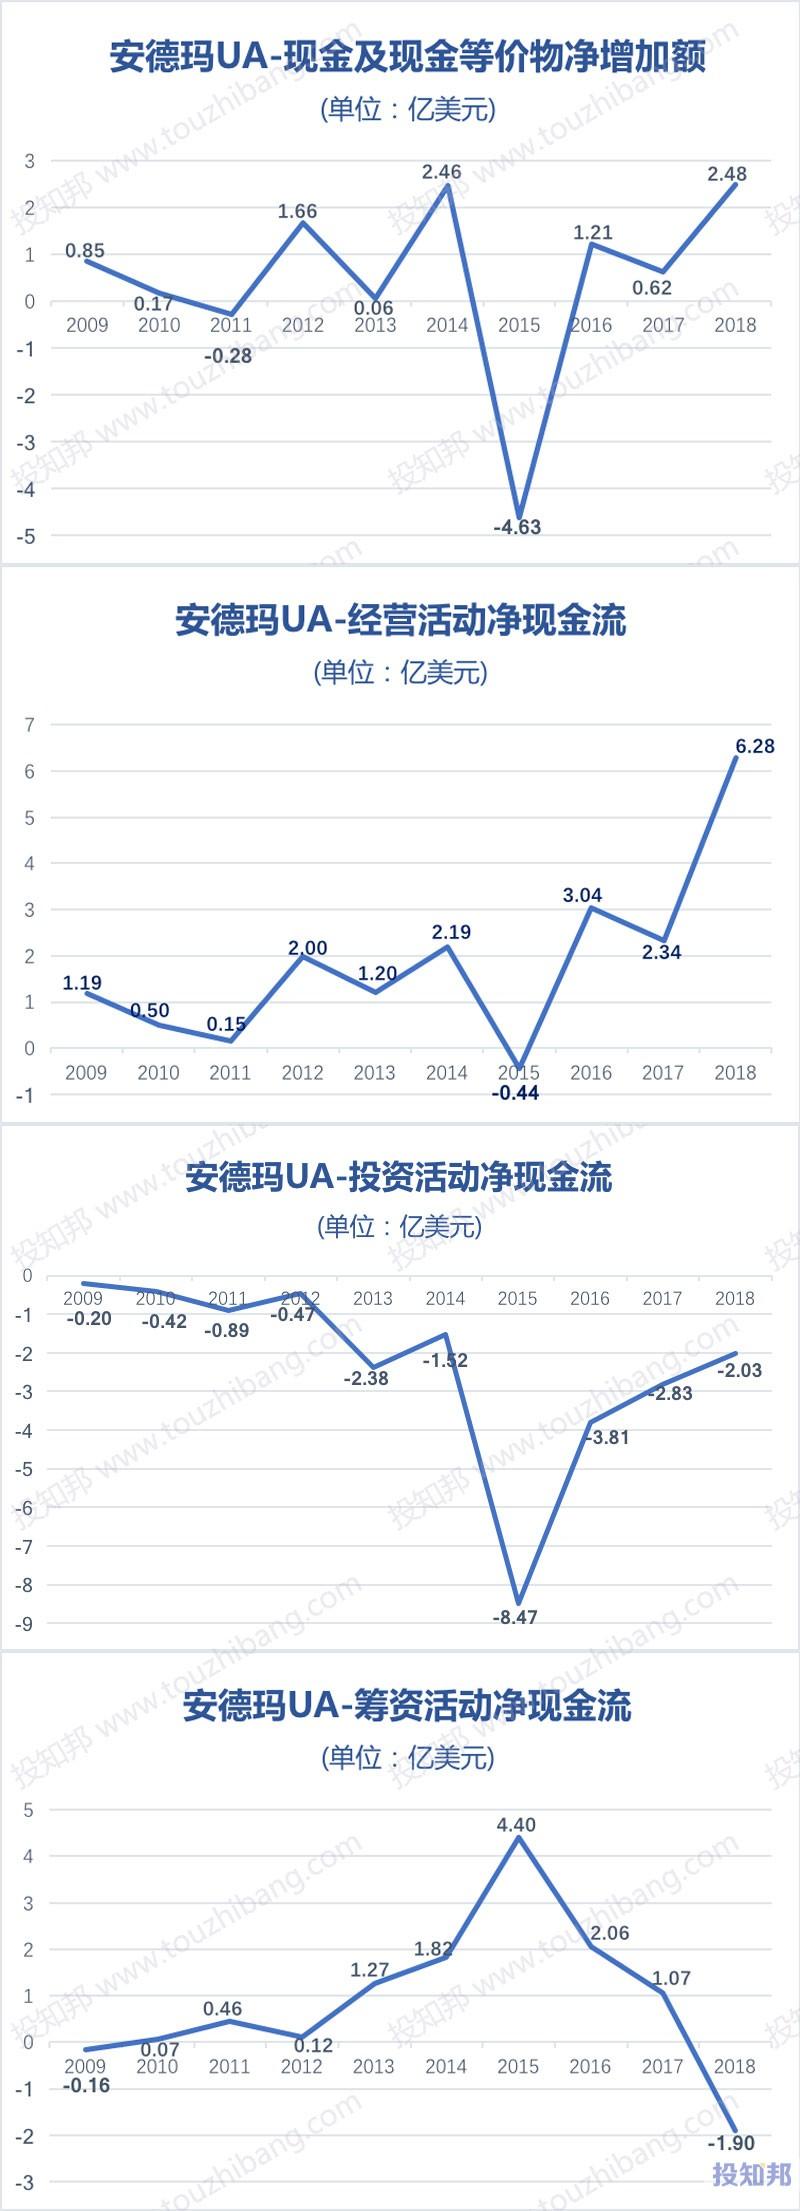 图解安德玛(UA)财报数据(2009年~2019年Q3)